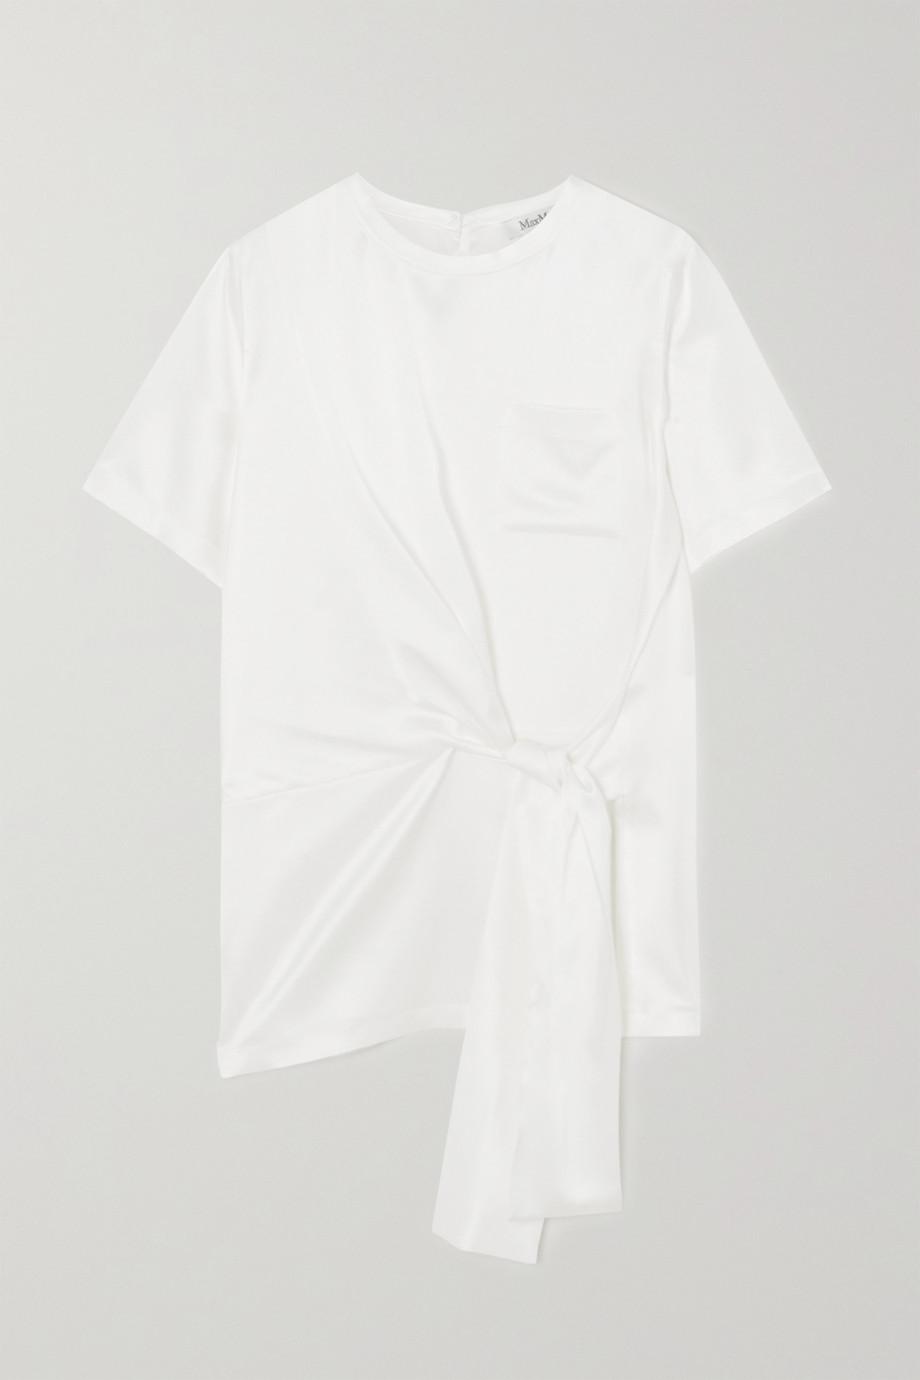 막스마라 Max Mara Tie-front silk-satin T-shirt,White